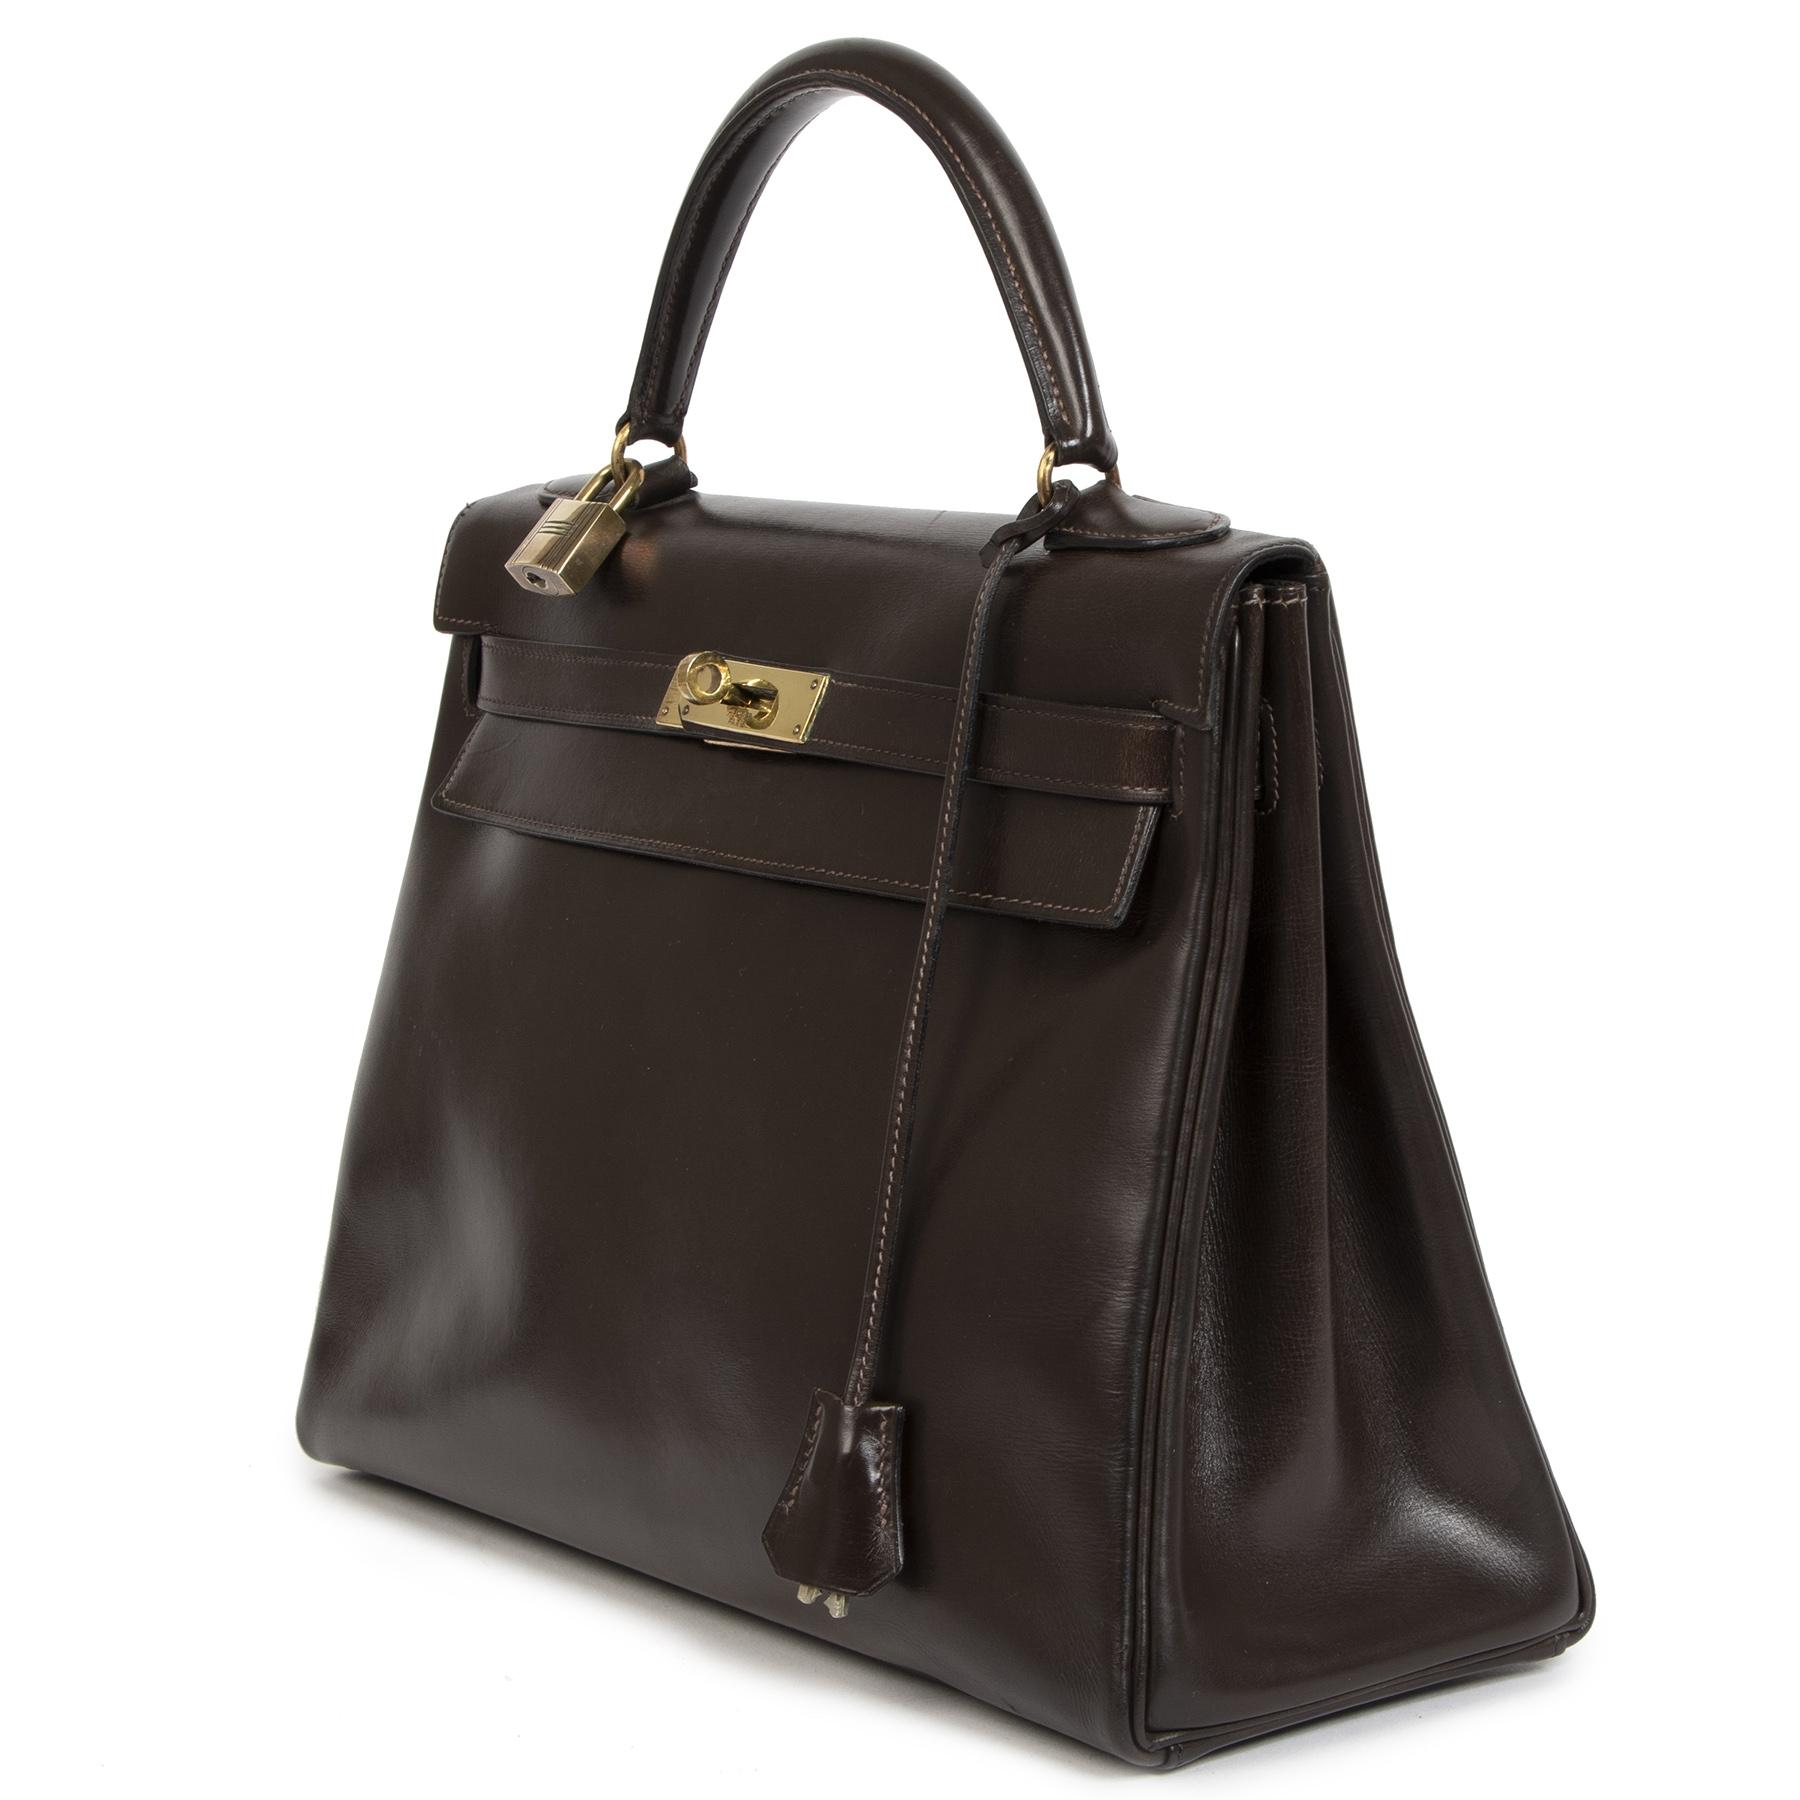 Hermès Kelly 32 Brown Boxcalf Leather GHW Bag te koop bij Labellov tweedehands luxe